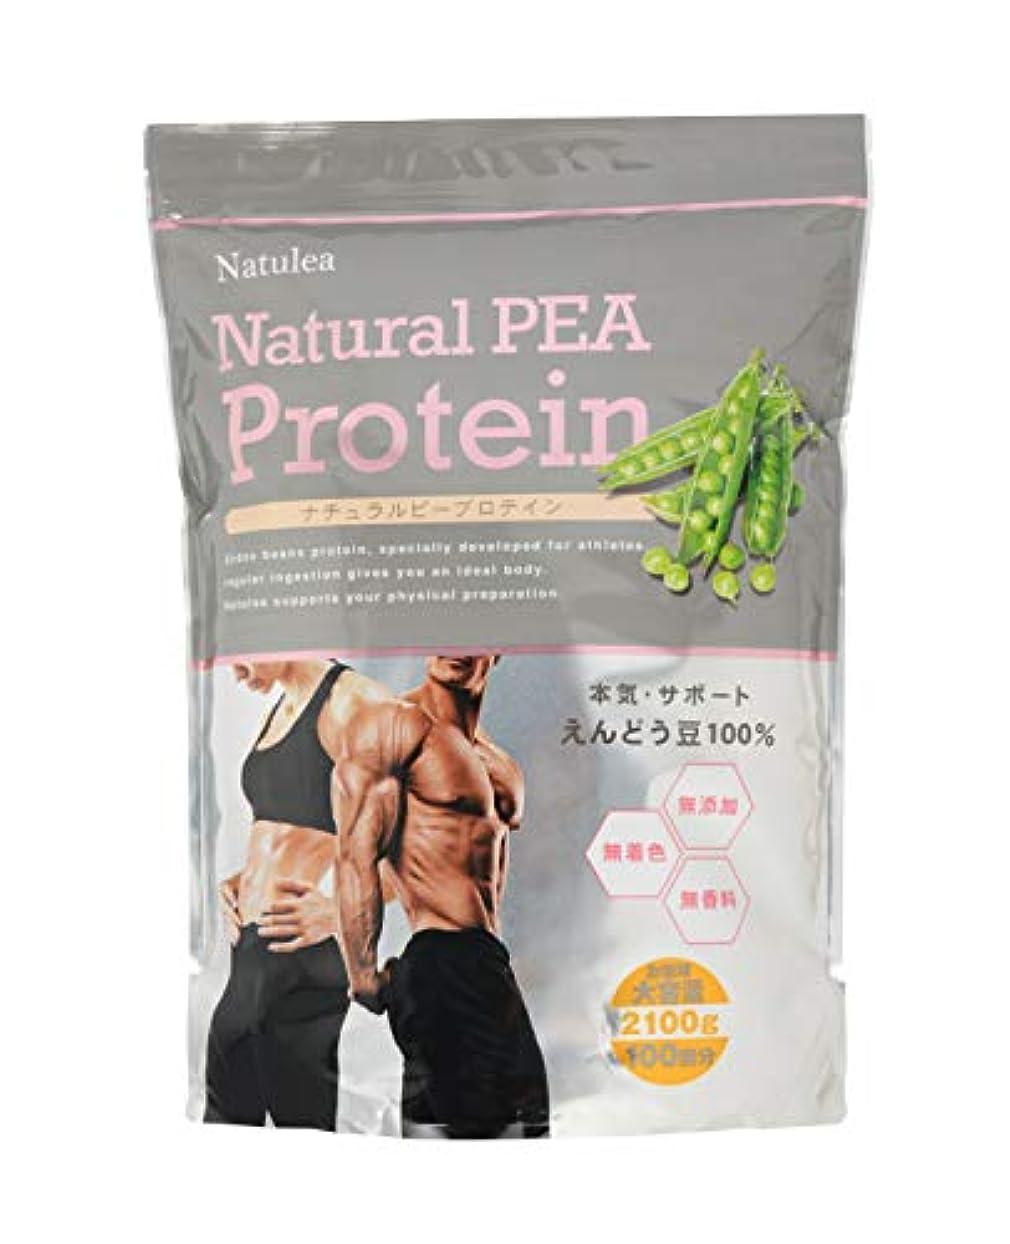 残り出くわすコース【大容量】Natural PEA Protein 2100g 無添加?無着色?無香料 ナチュラル プロテイン えんどう豆由来